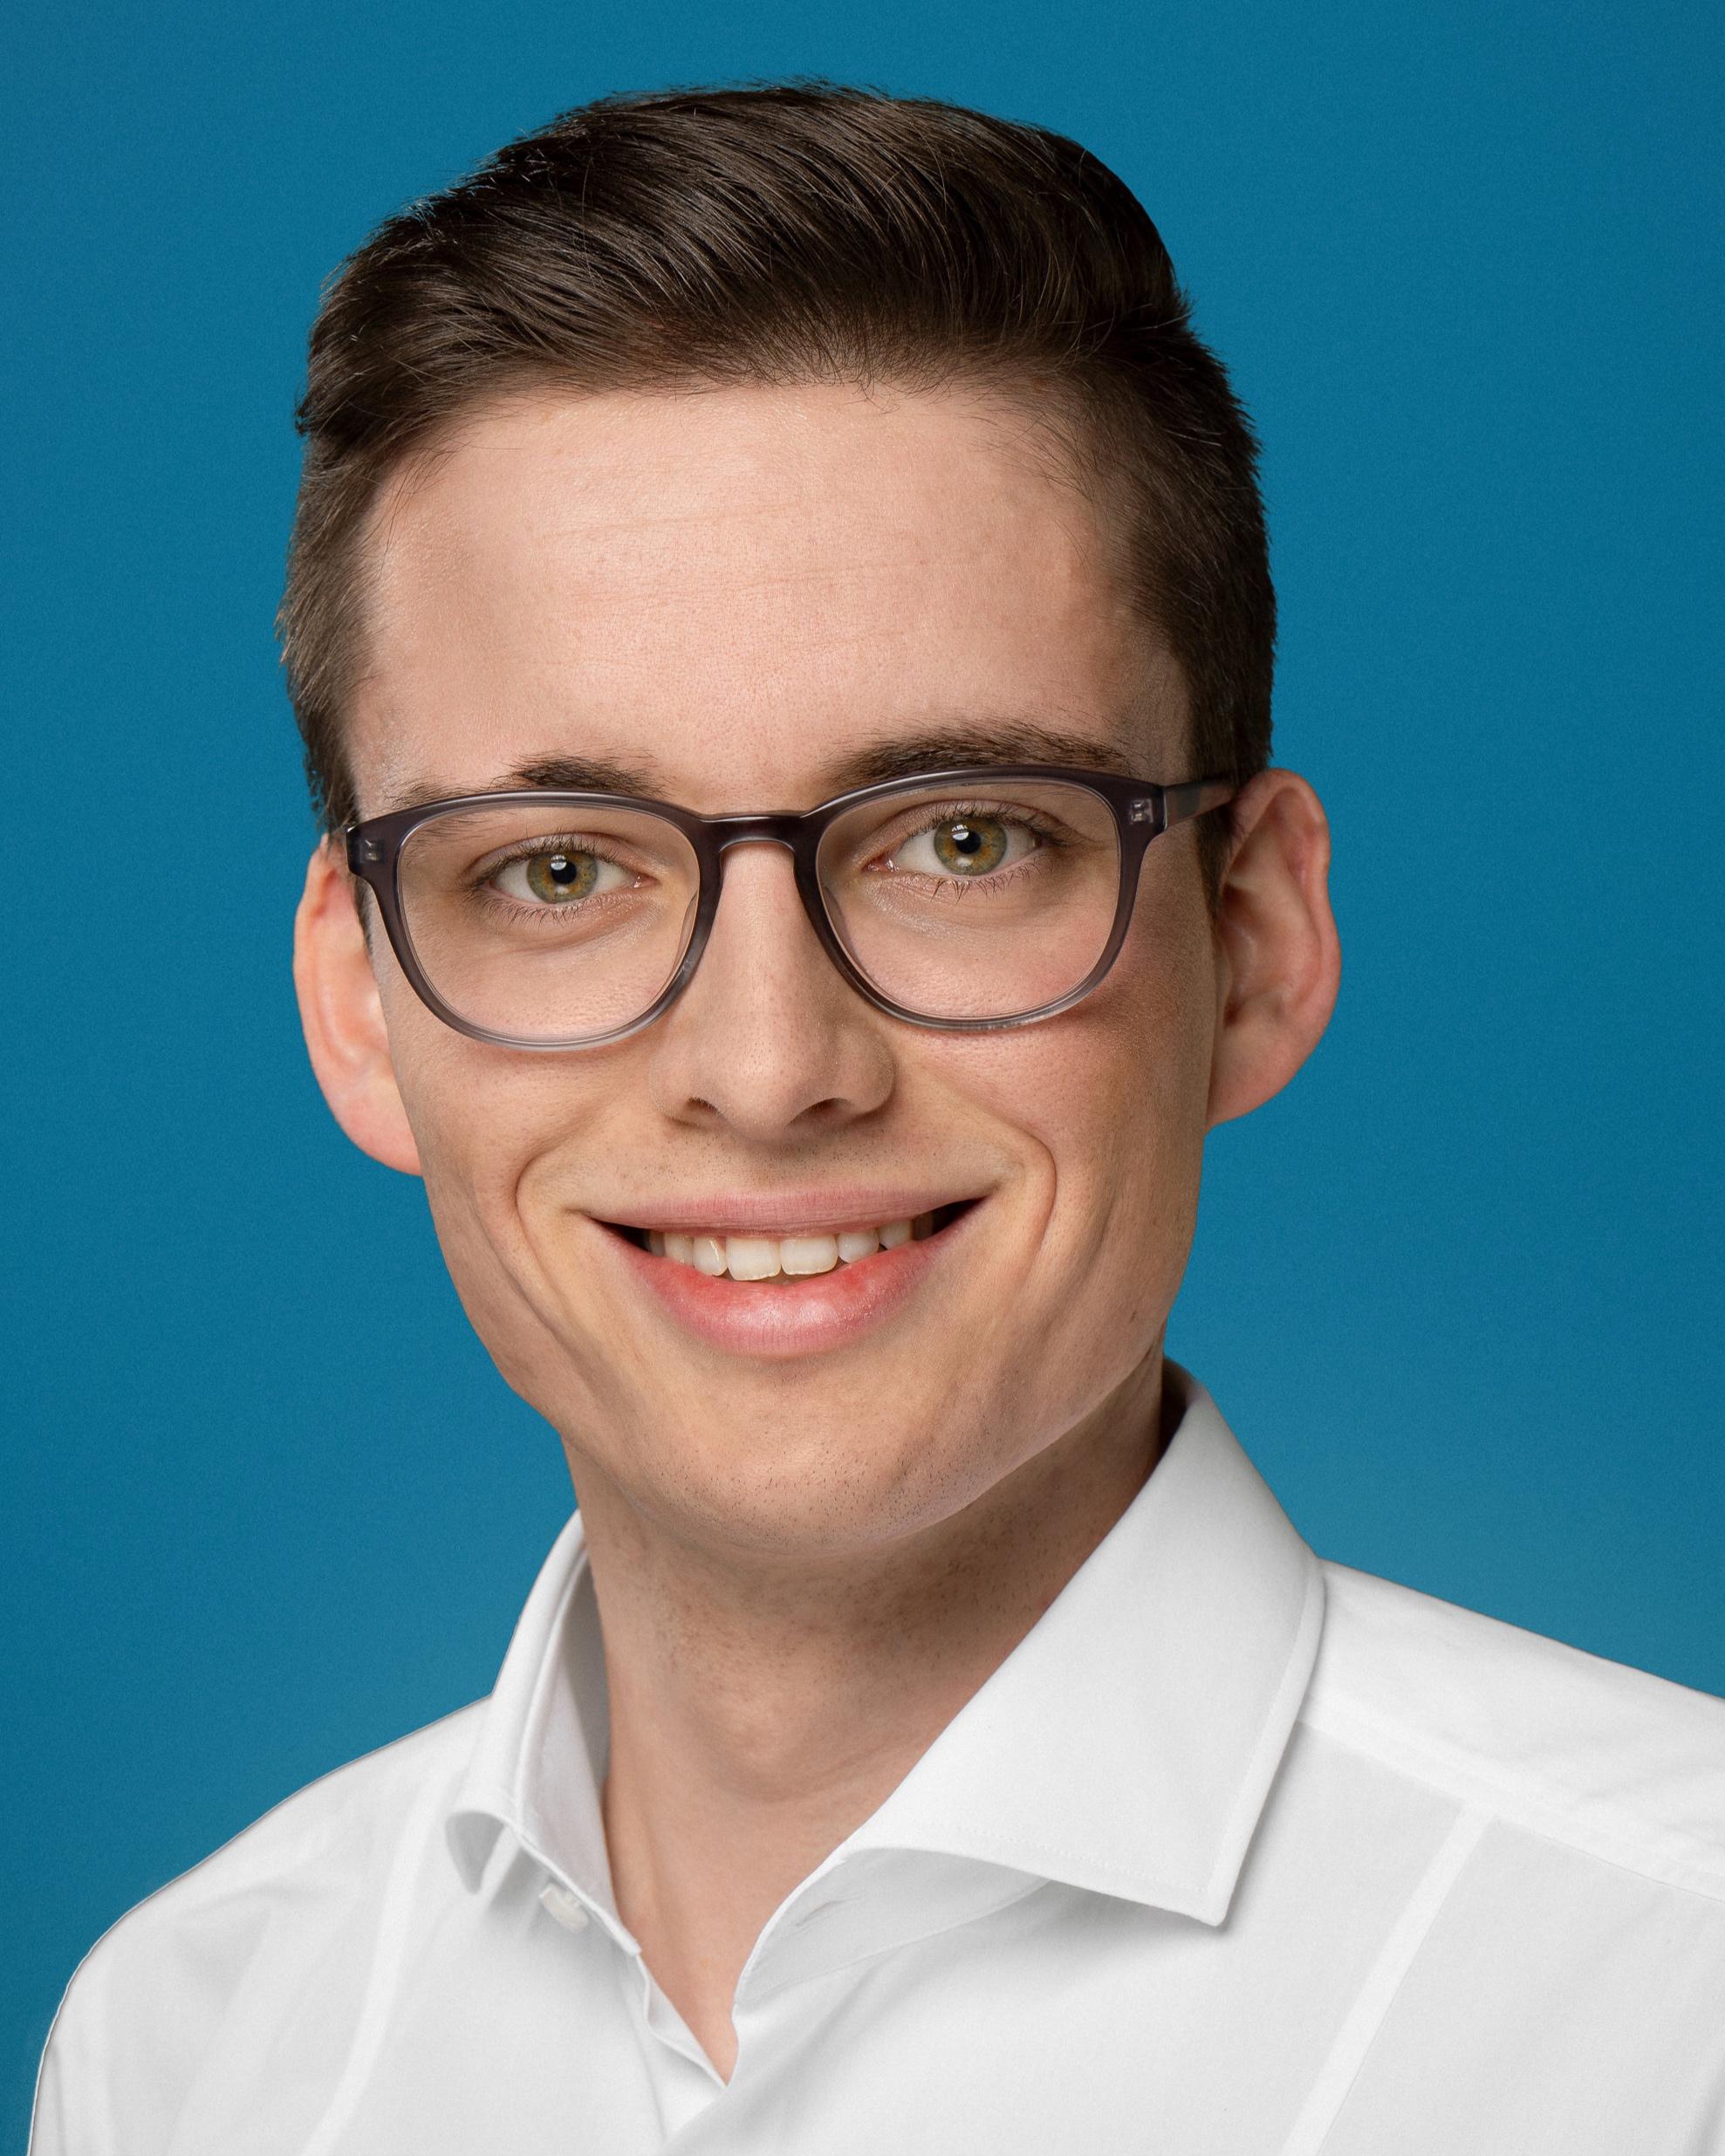 Profilfoto_klein.jpg